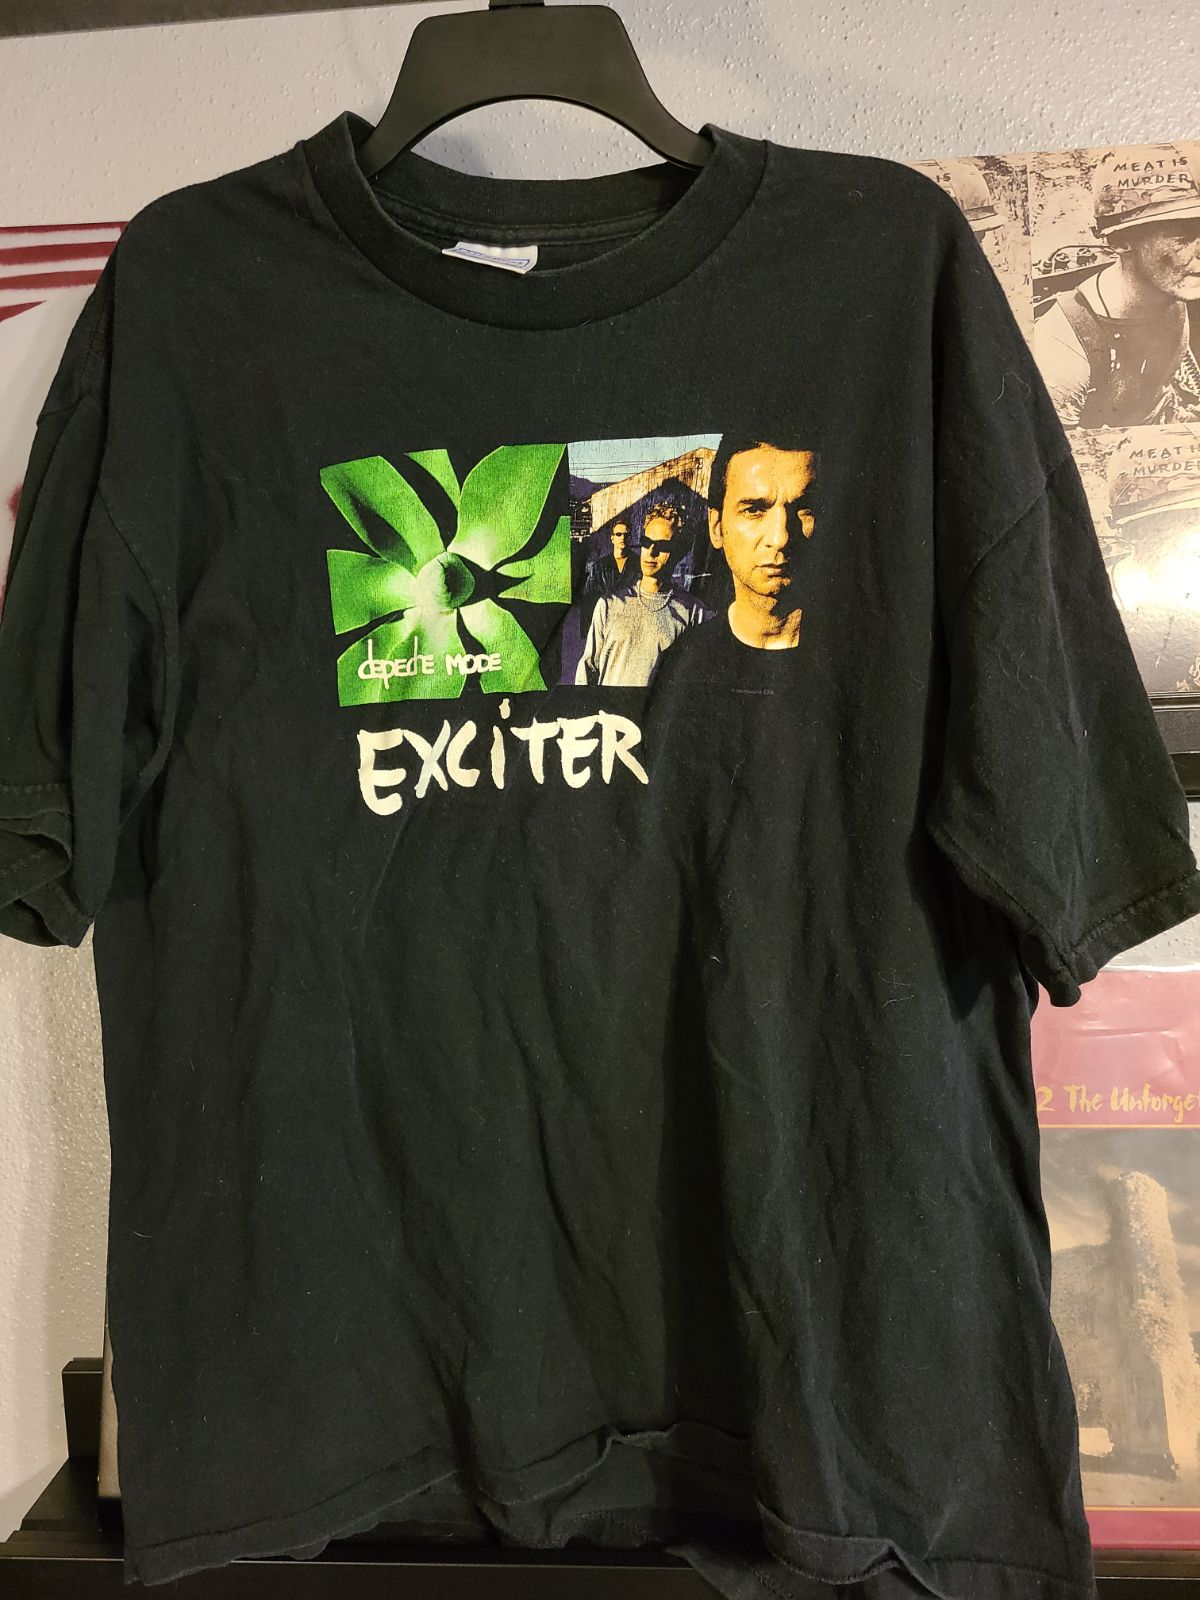 Vintage depeche mode tour t-shirt